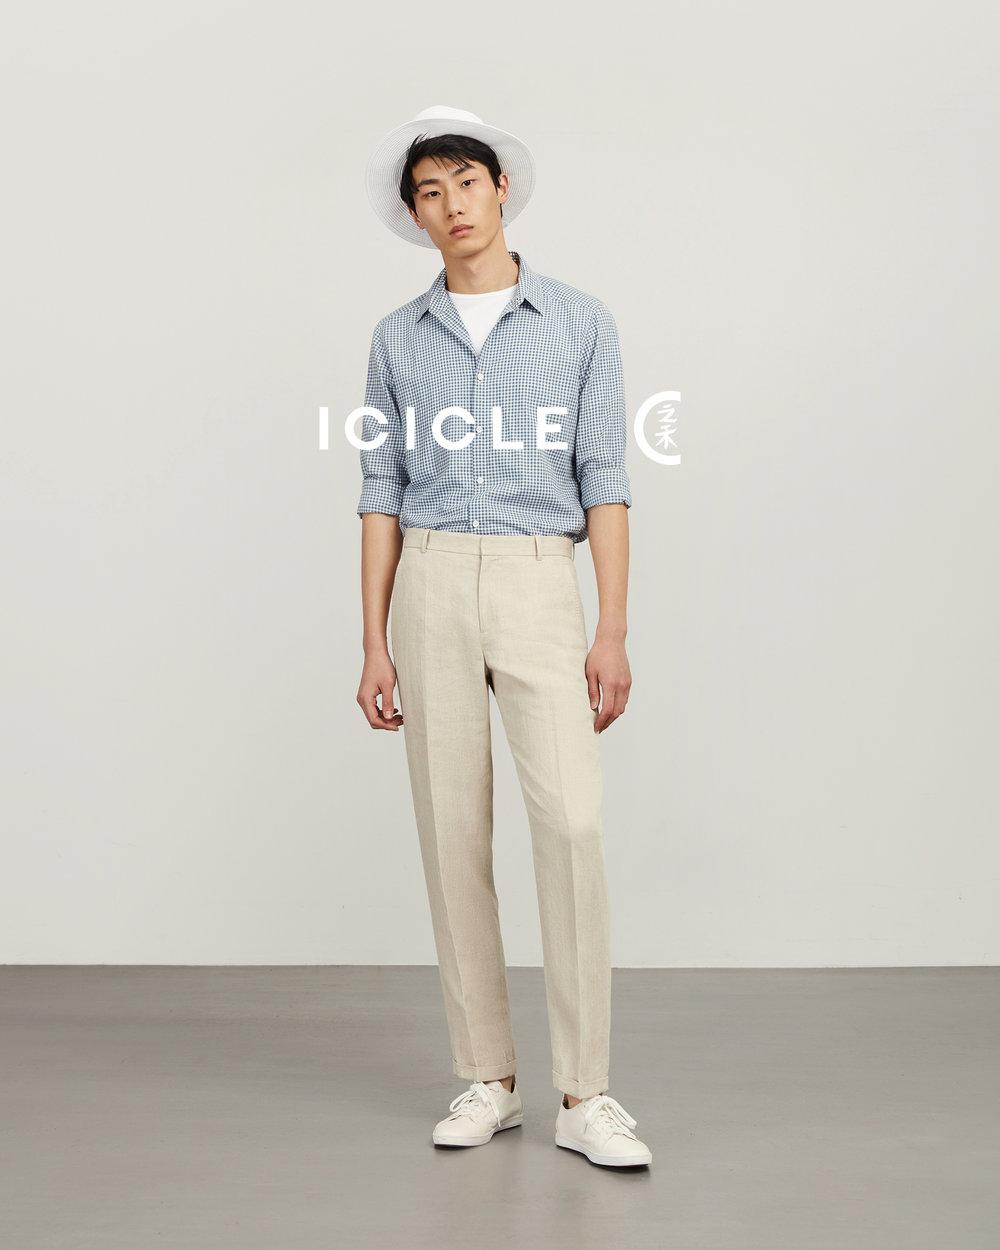 ICICLE男装天猫2385.jpg